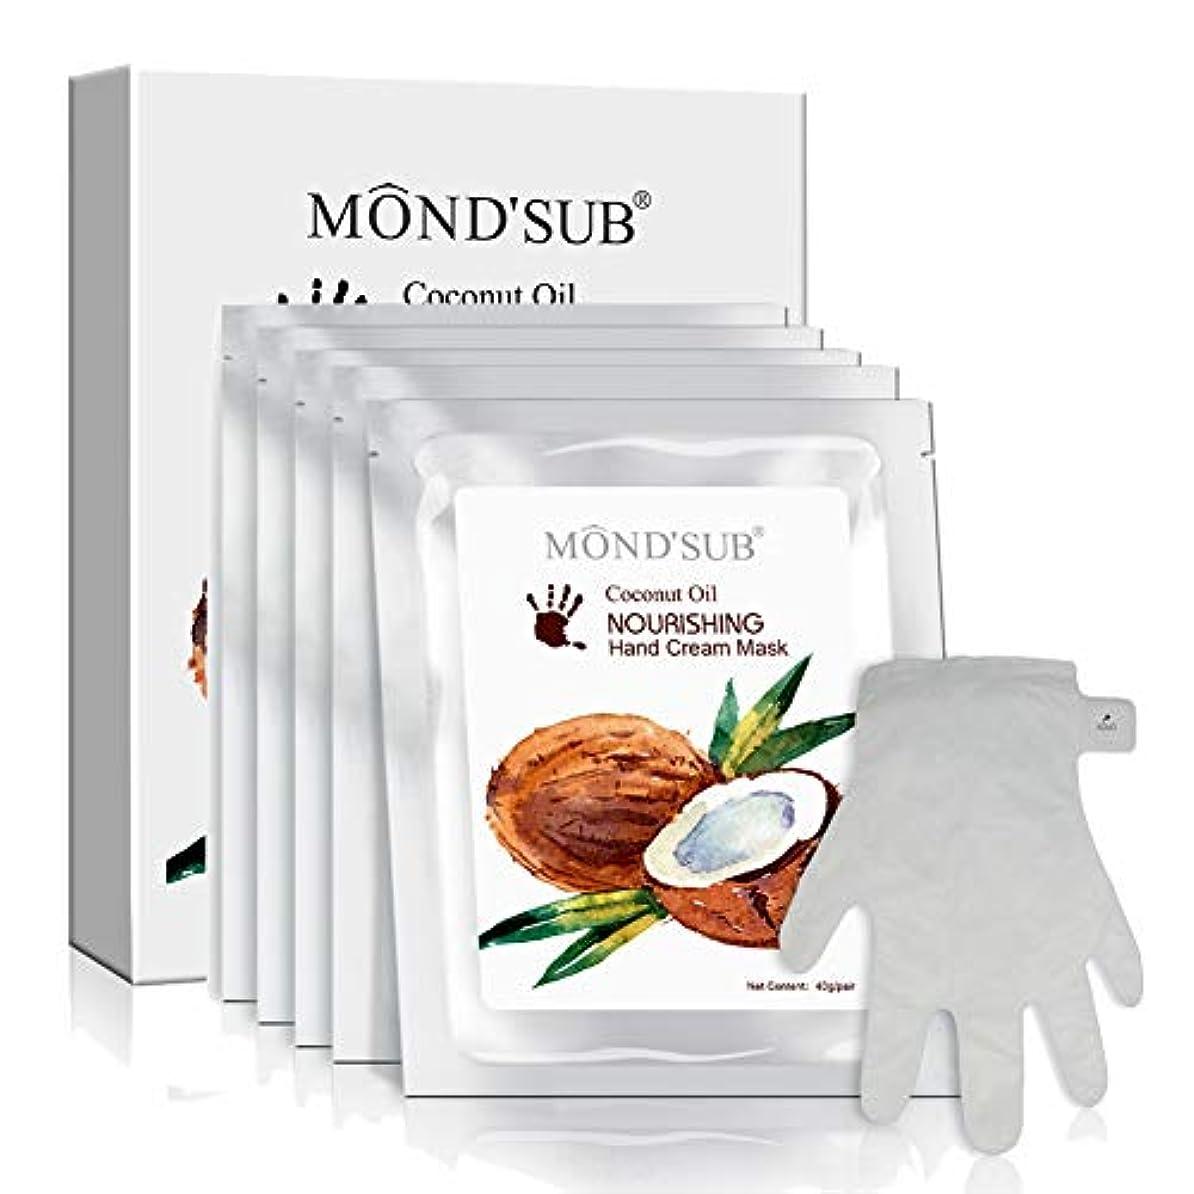 陽気な火山の所持[MOND'SUB]ハイドハンド&ネイルマスクベスト - 乾いた手のための健康的なココナッツオイル保湿手袋 - オーガニックエッセンスハイド&ナリシングハンドとの完全なあなたのスキン(5ペア)保護マスク